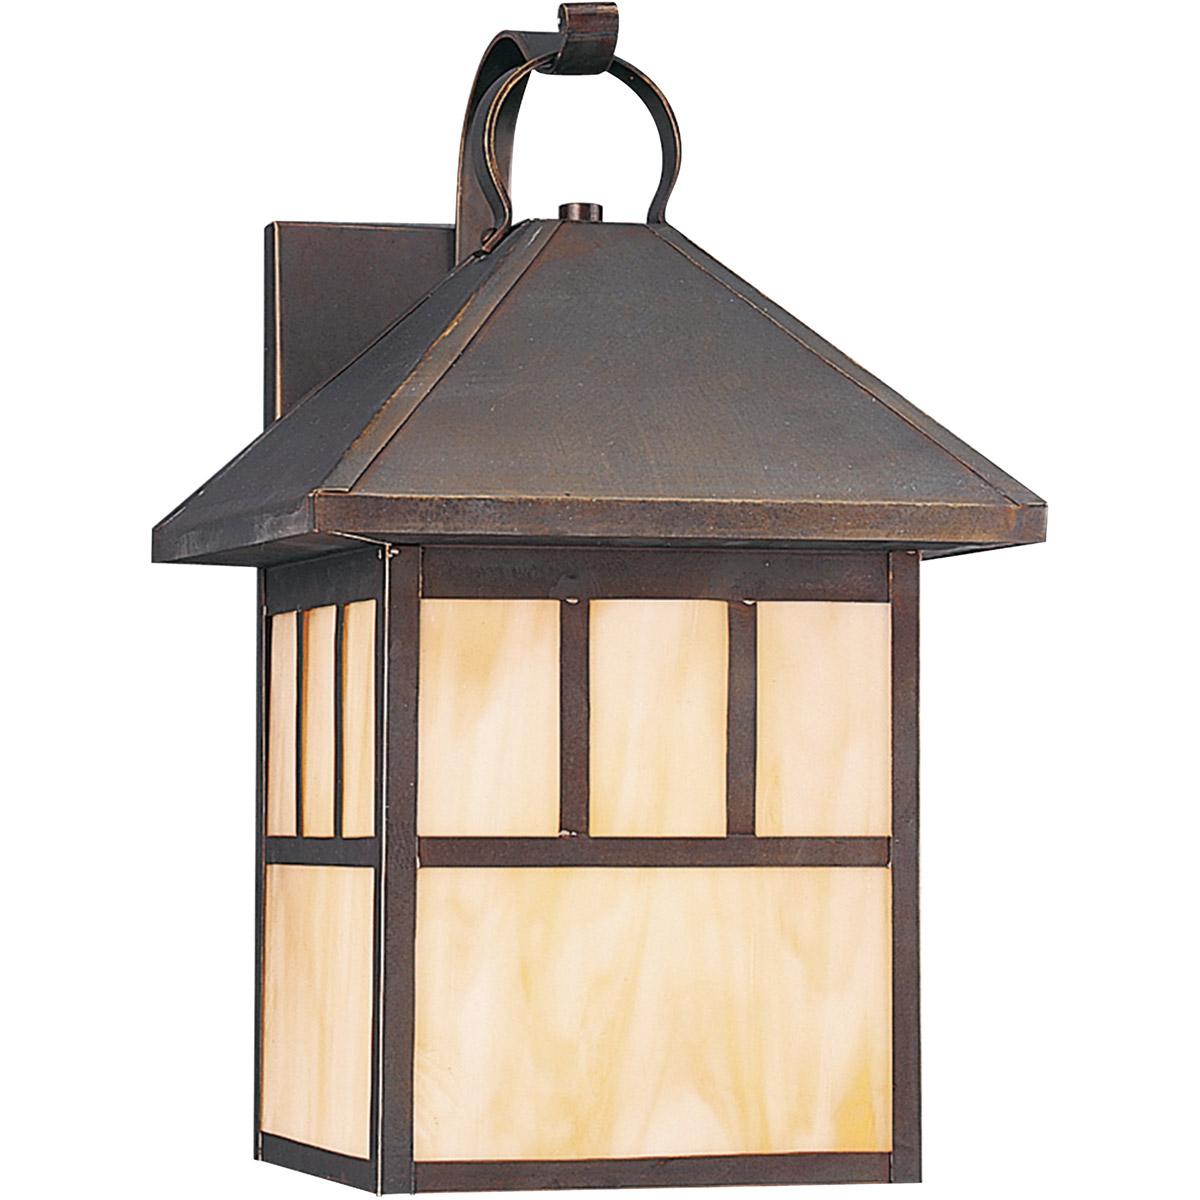 Sea Gull Lighting Prairie Statement 1 Light Outdoor Wall Lantern in Antique Bronze 8513-71 photo